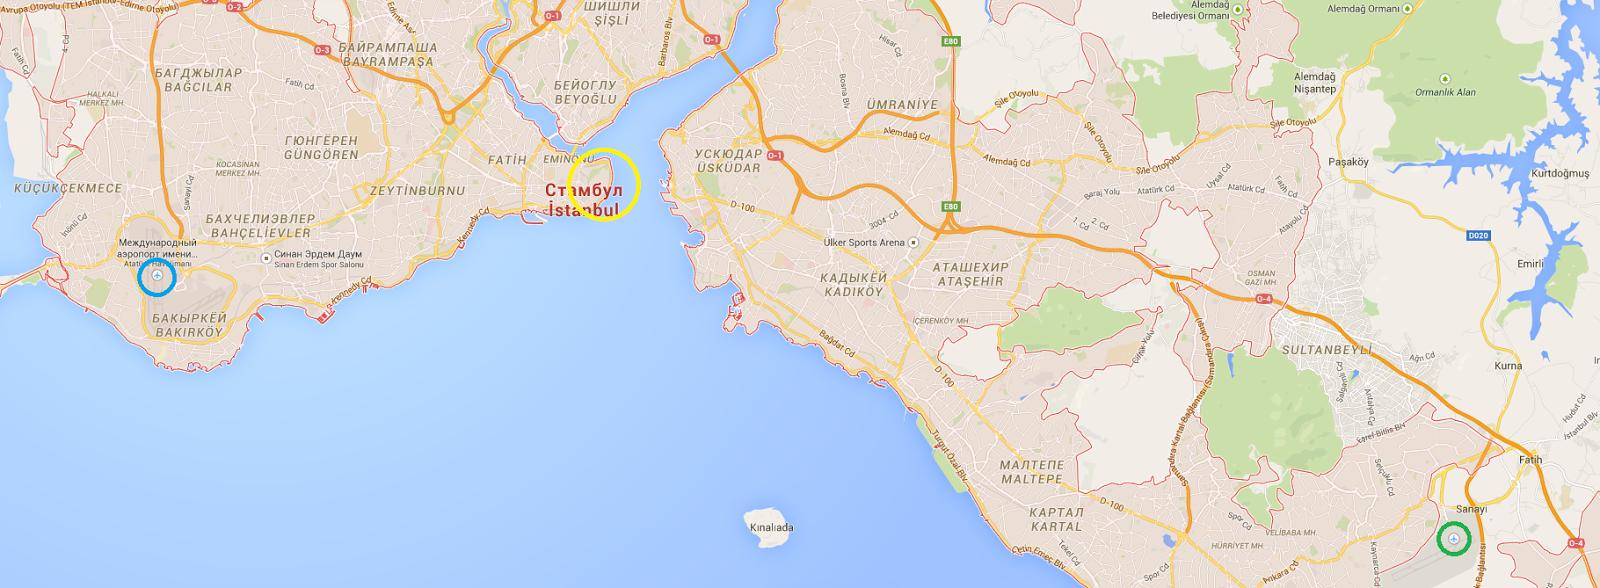 аэропорт сабиха в стамбуле на карте